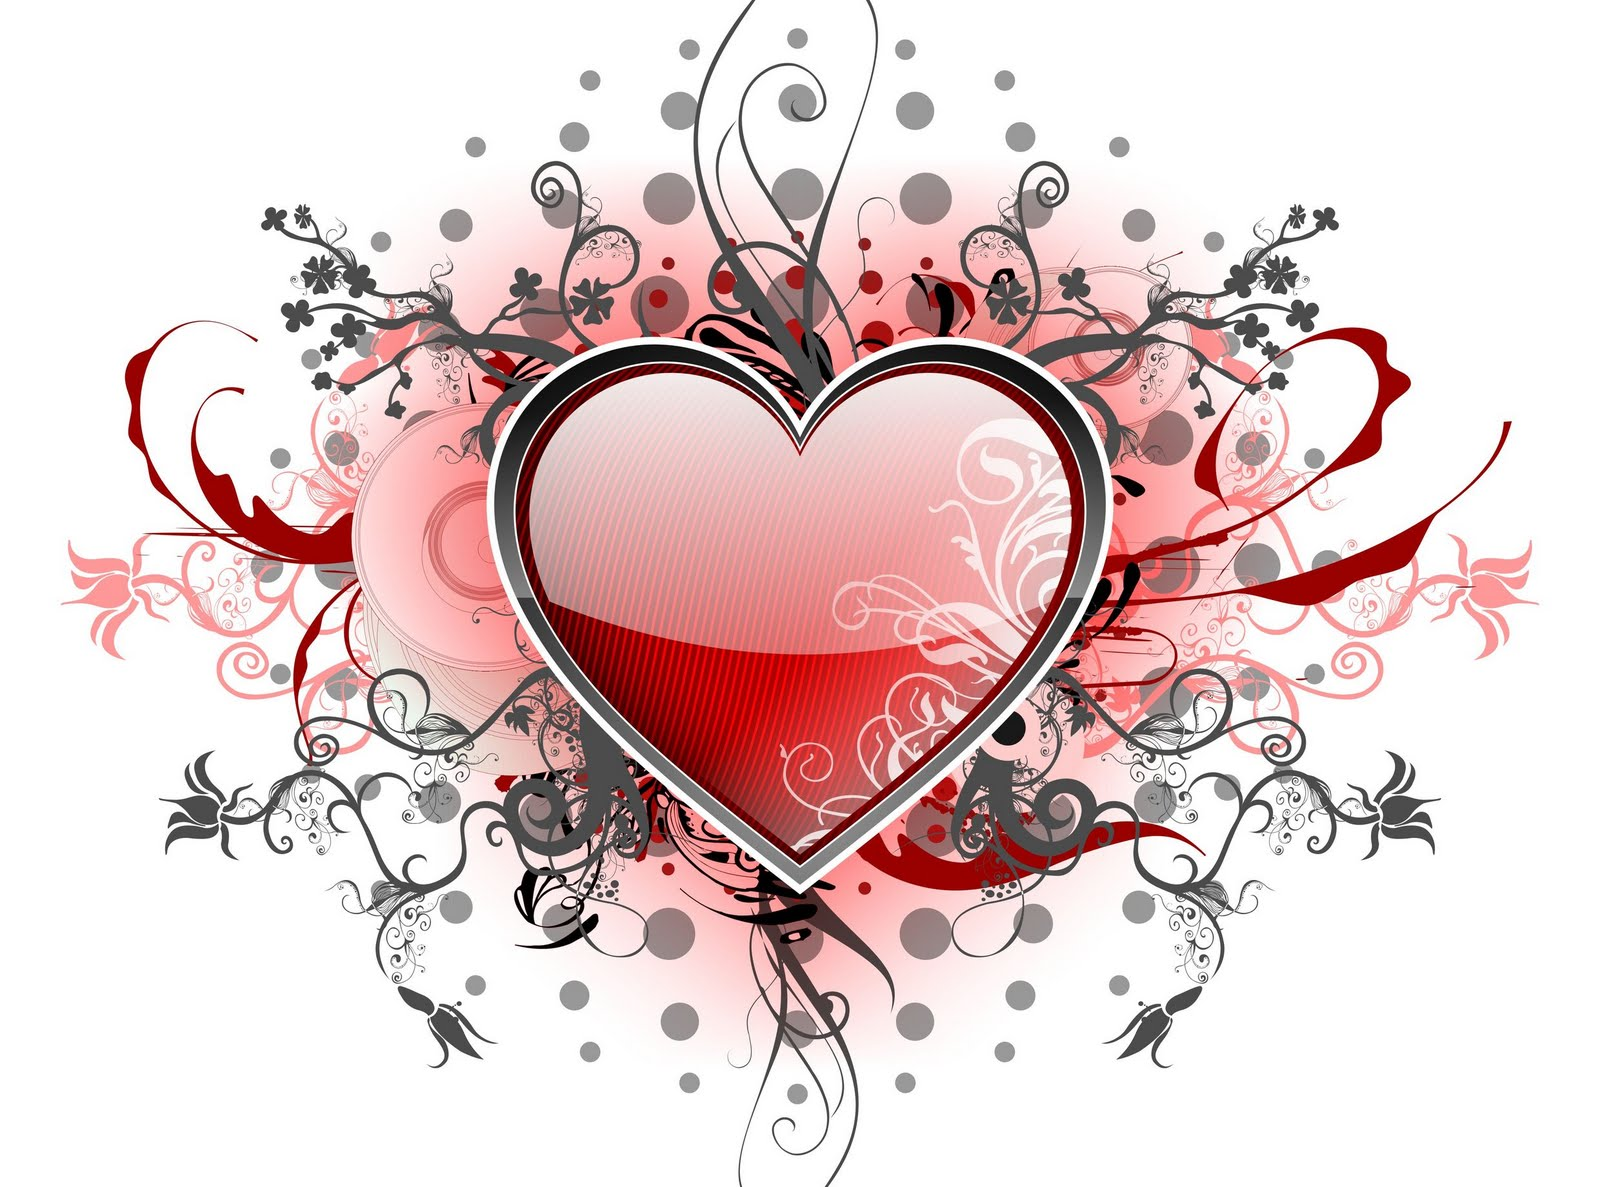 C est la st valentin la d nette gourmande - Image st valentin gratuite ...